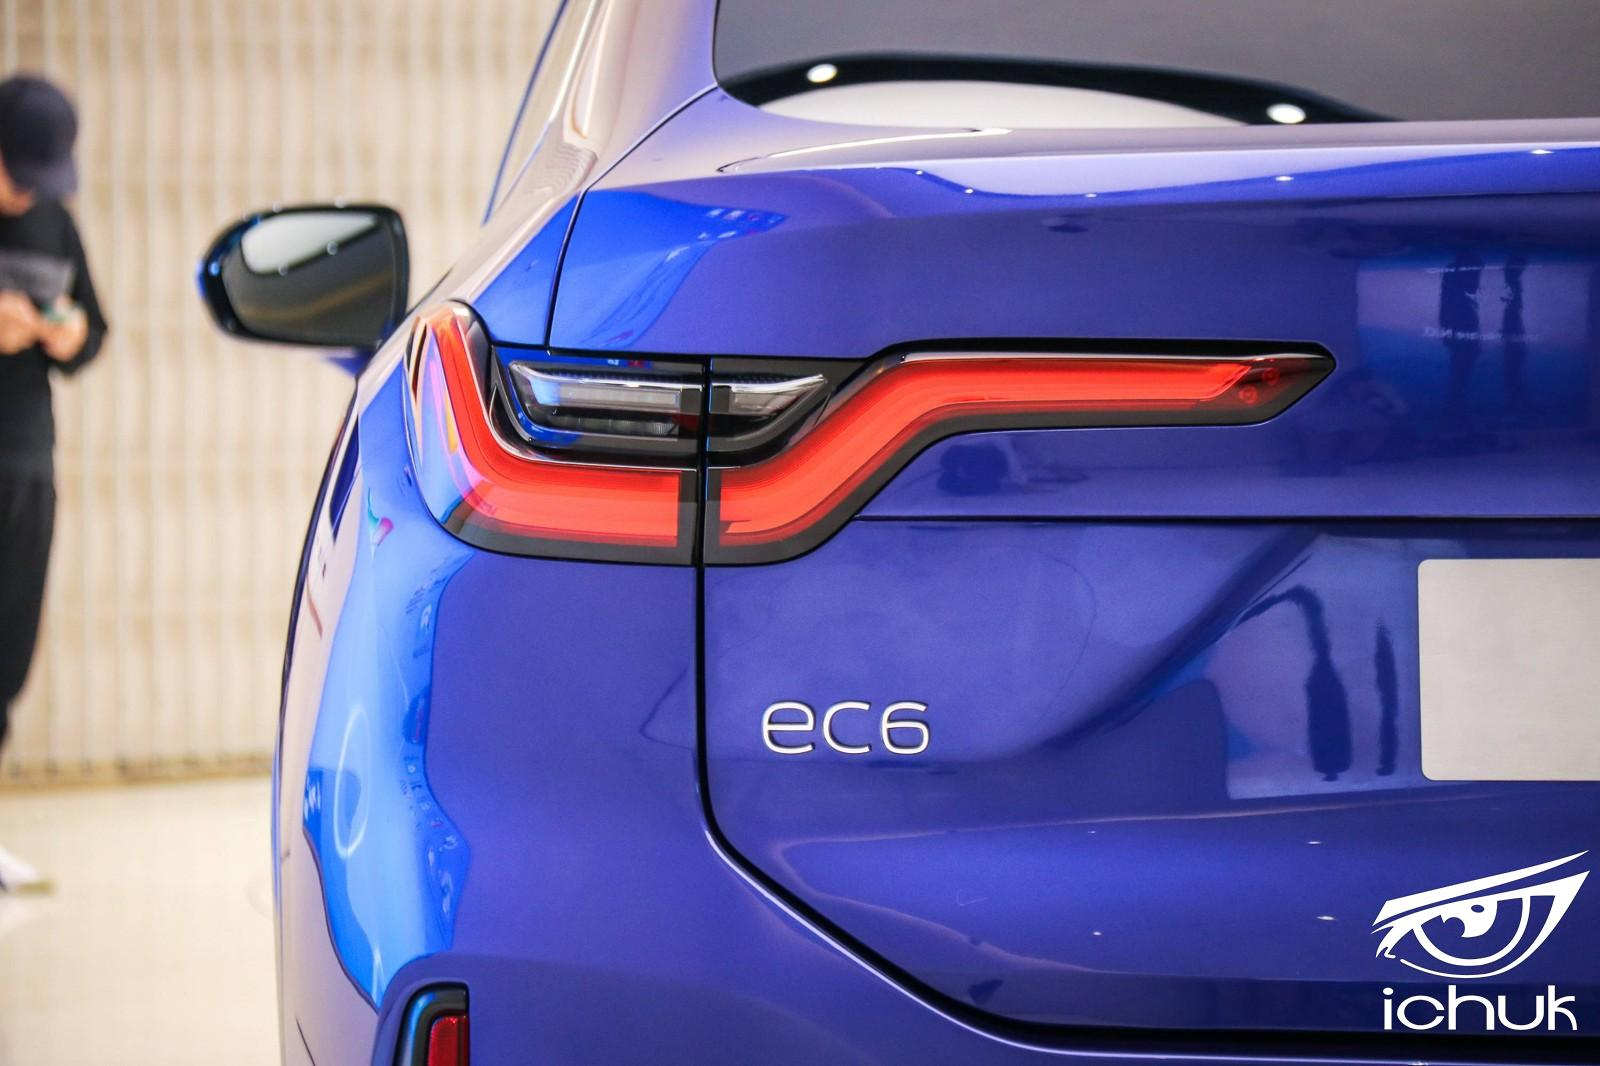 蔚来EC6将于7月上市 提供四种续航/最快4.7秒破百